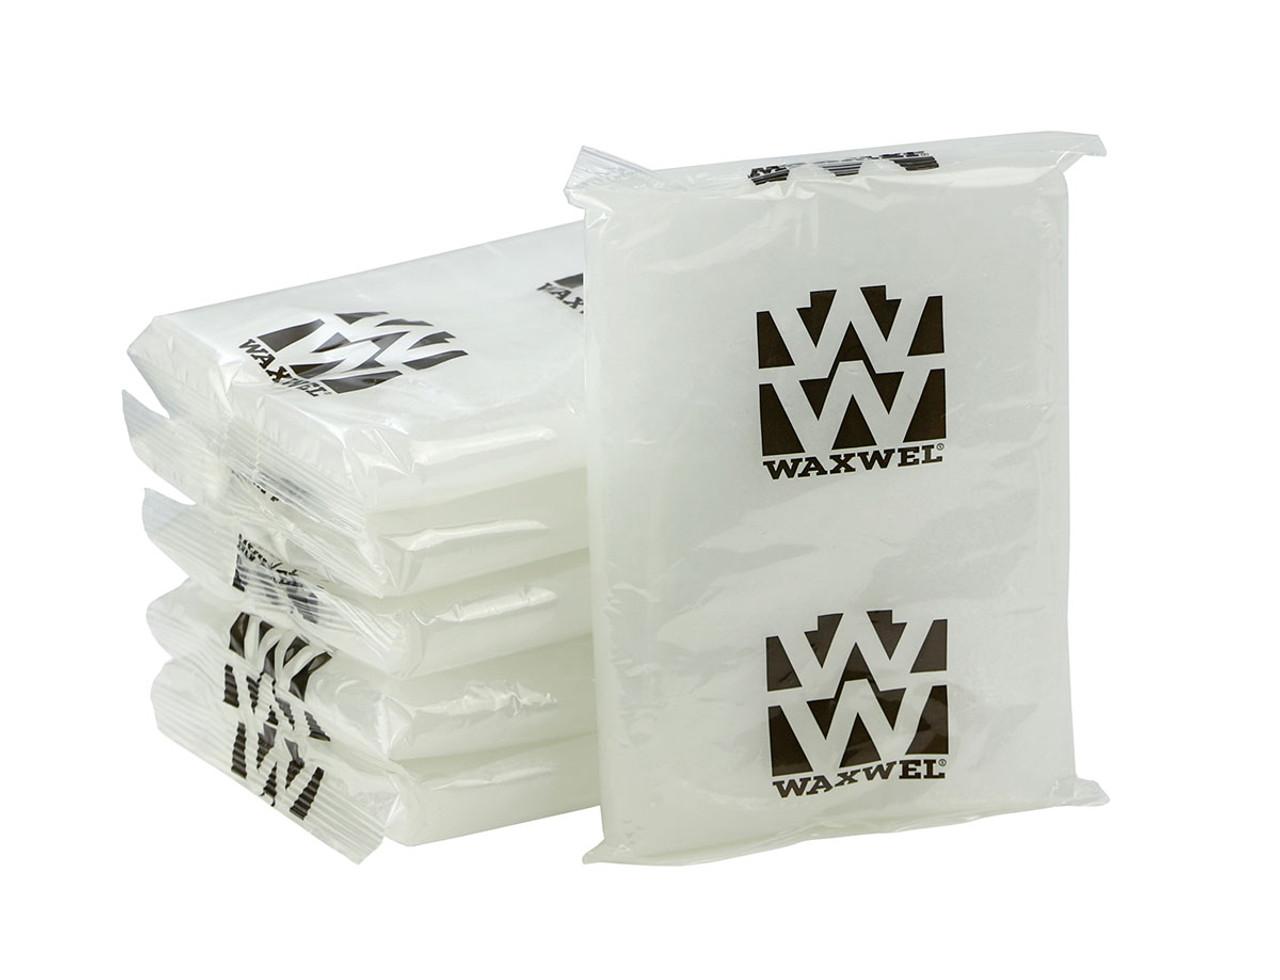 WaxWel¨ Paraffin - 36 x 1-lb Blocks - Citrus Fragrance